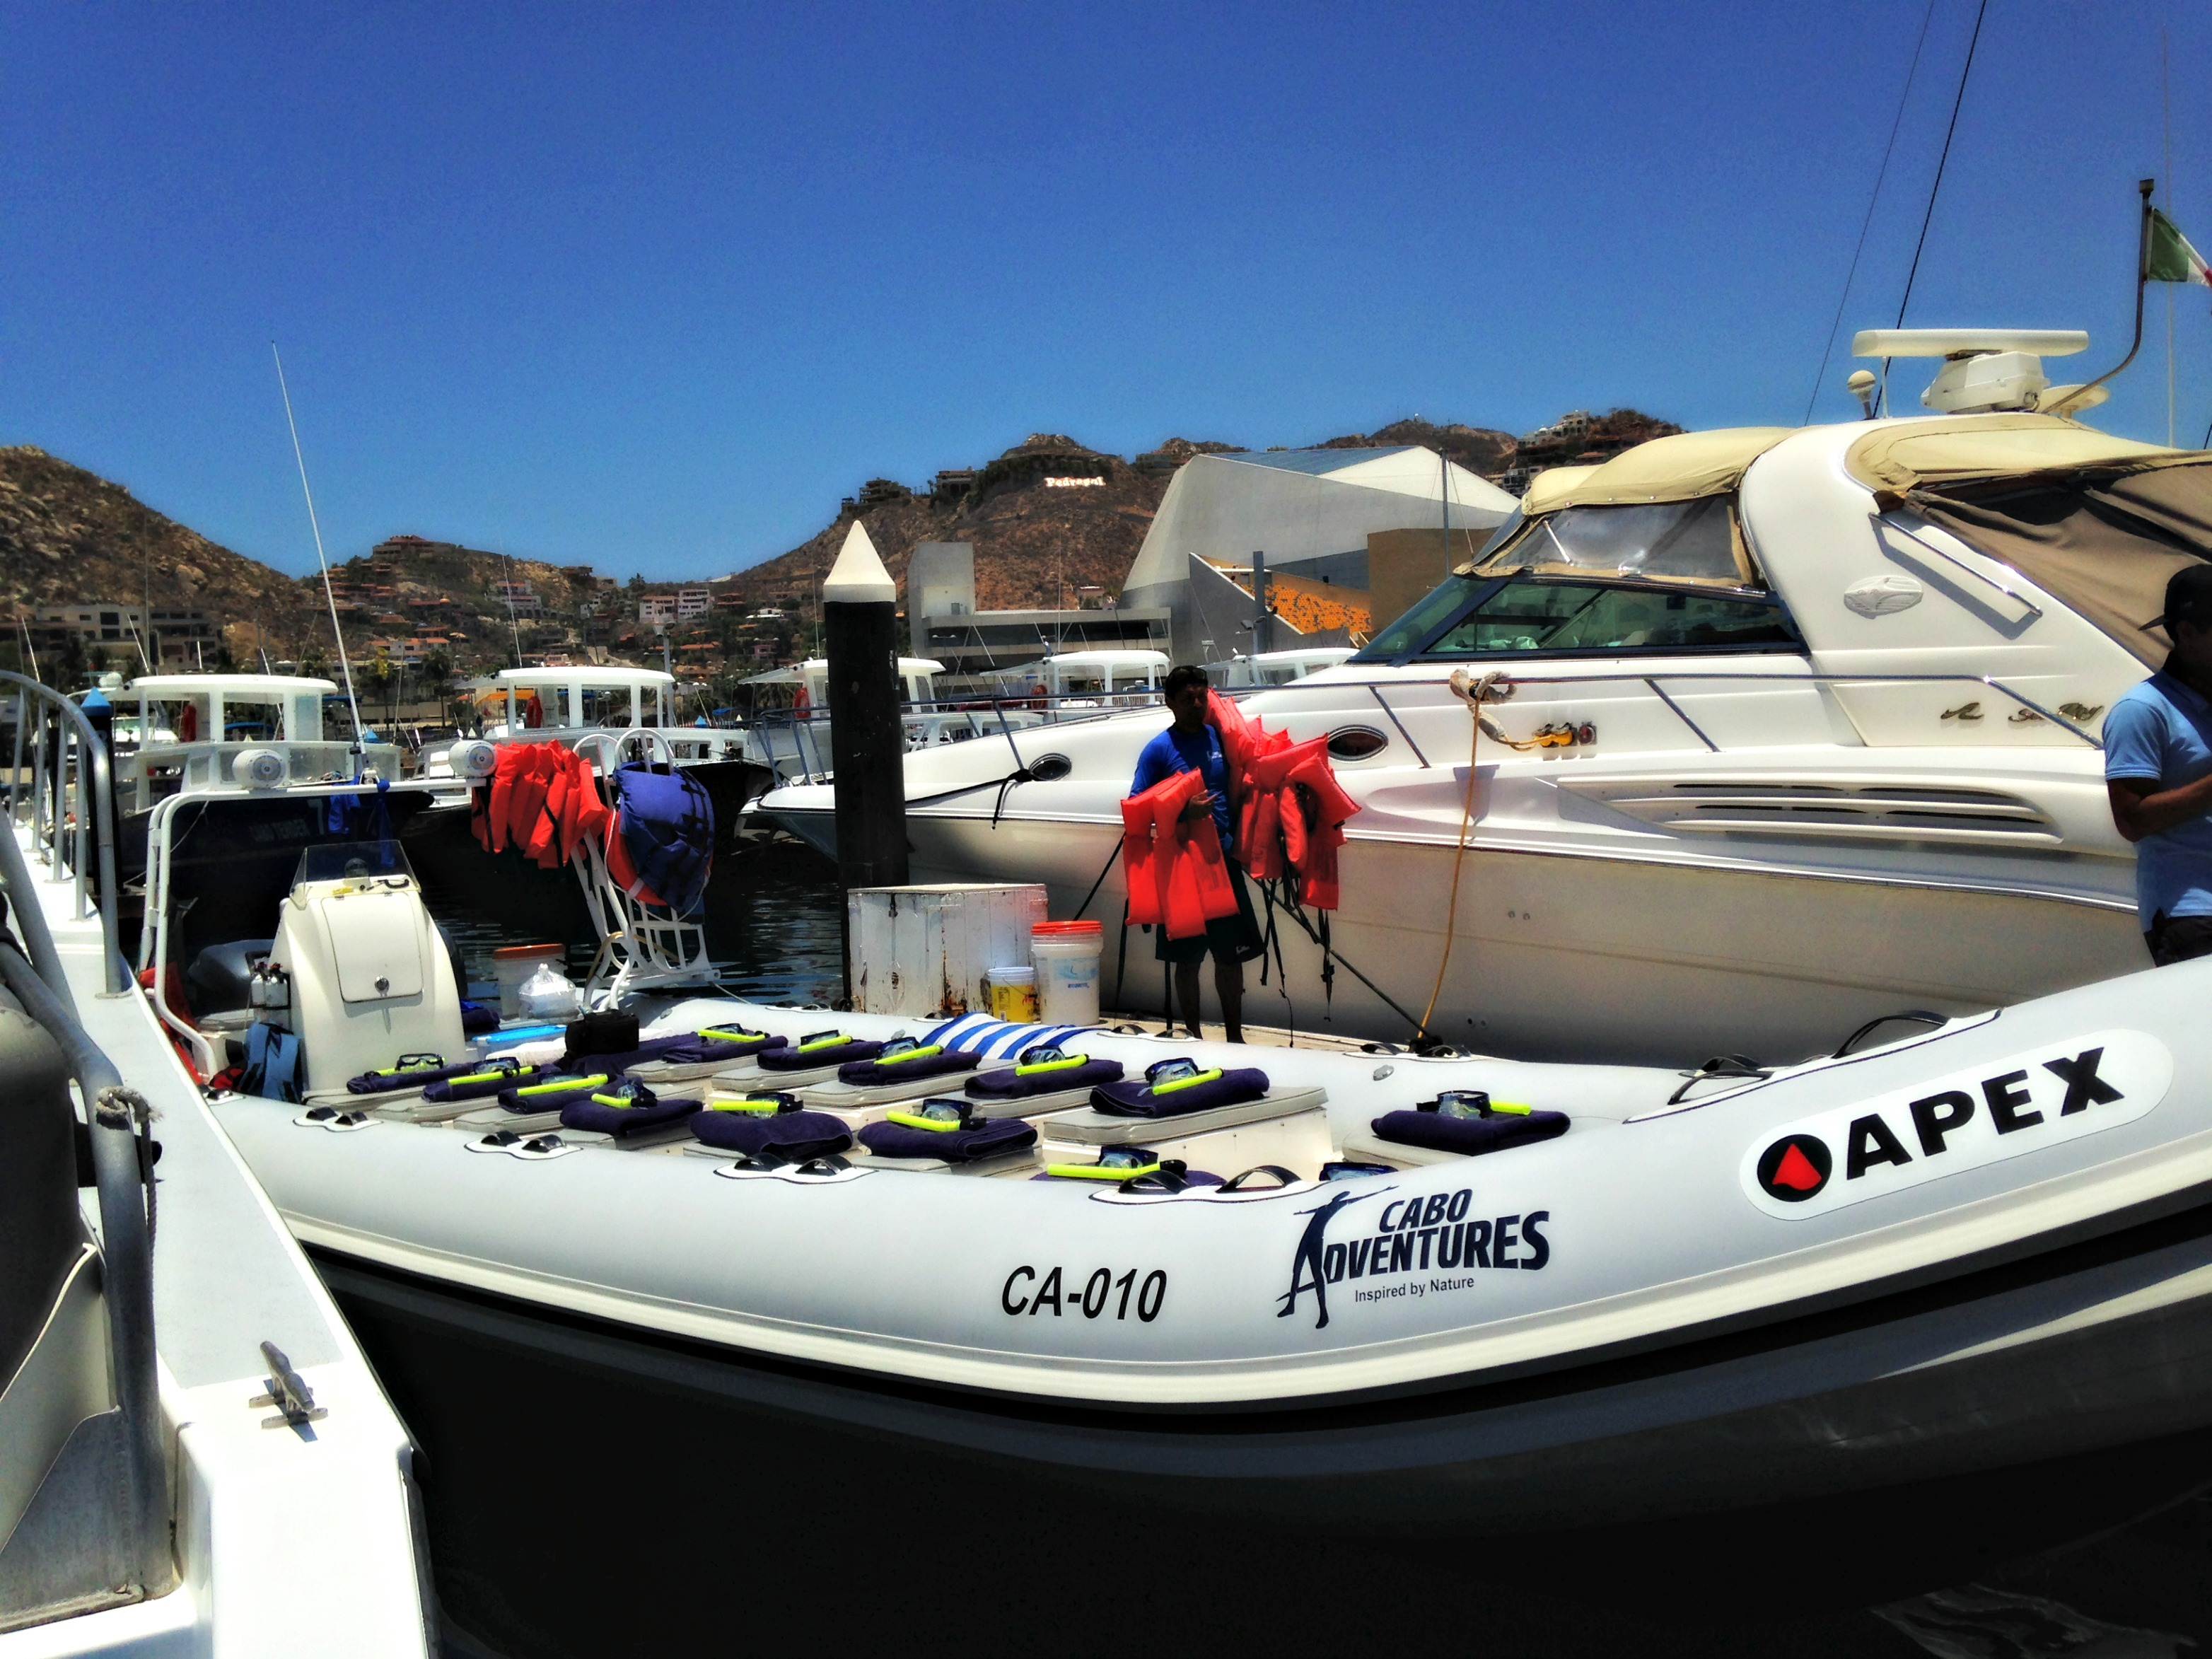 PB Cabo Adventures snorkel boat